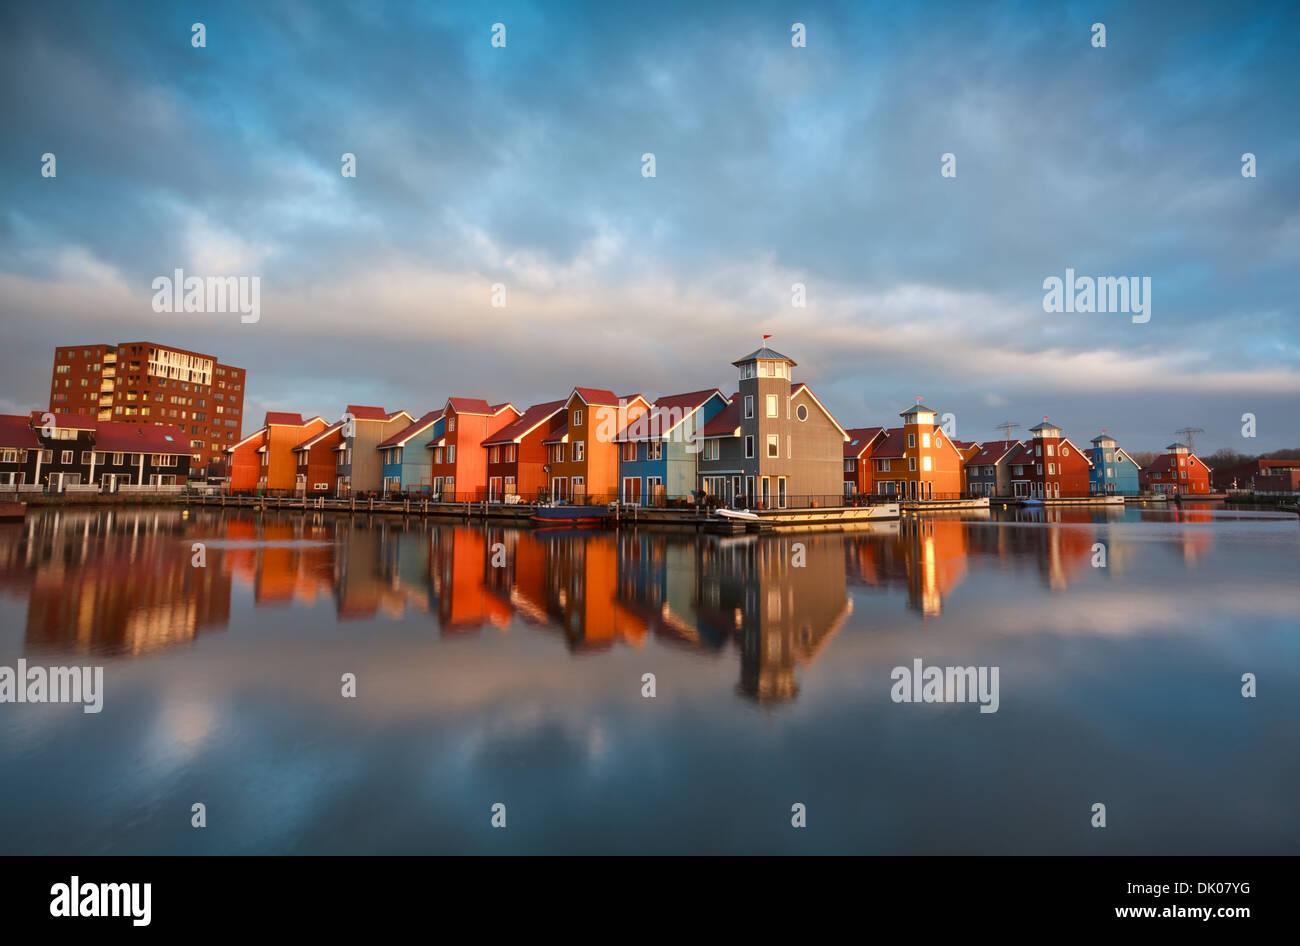 Gli edifici colorati su acqua durante il Sunrise, Reitdiephaven, Groningen, Paesi Bassi Immagini Stock